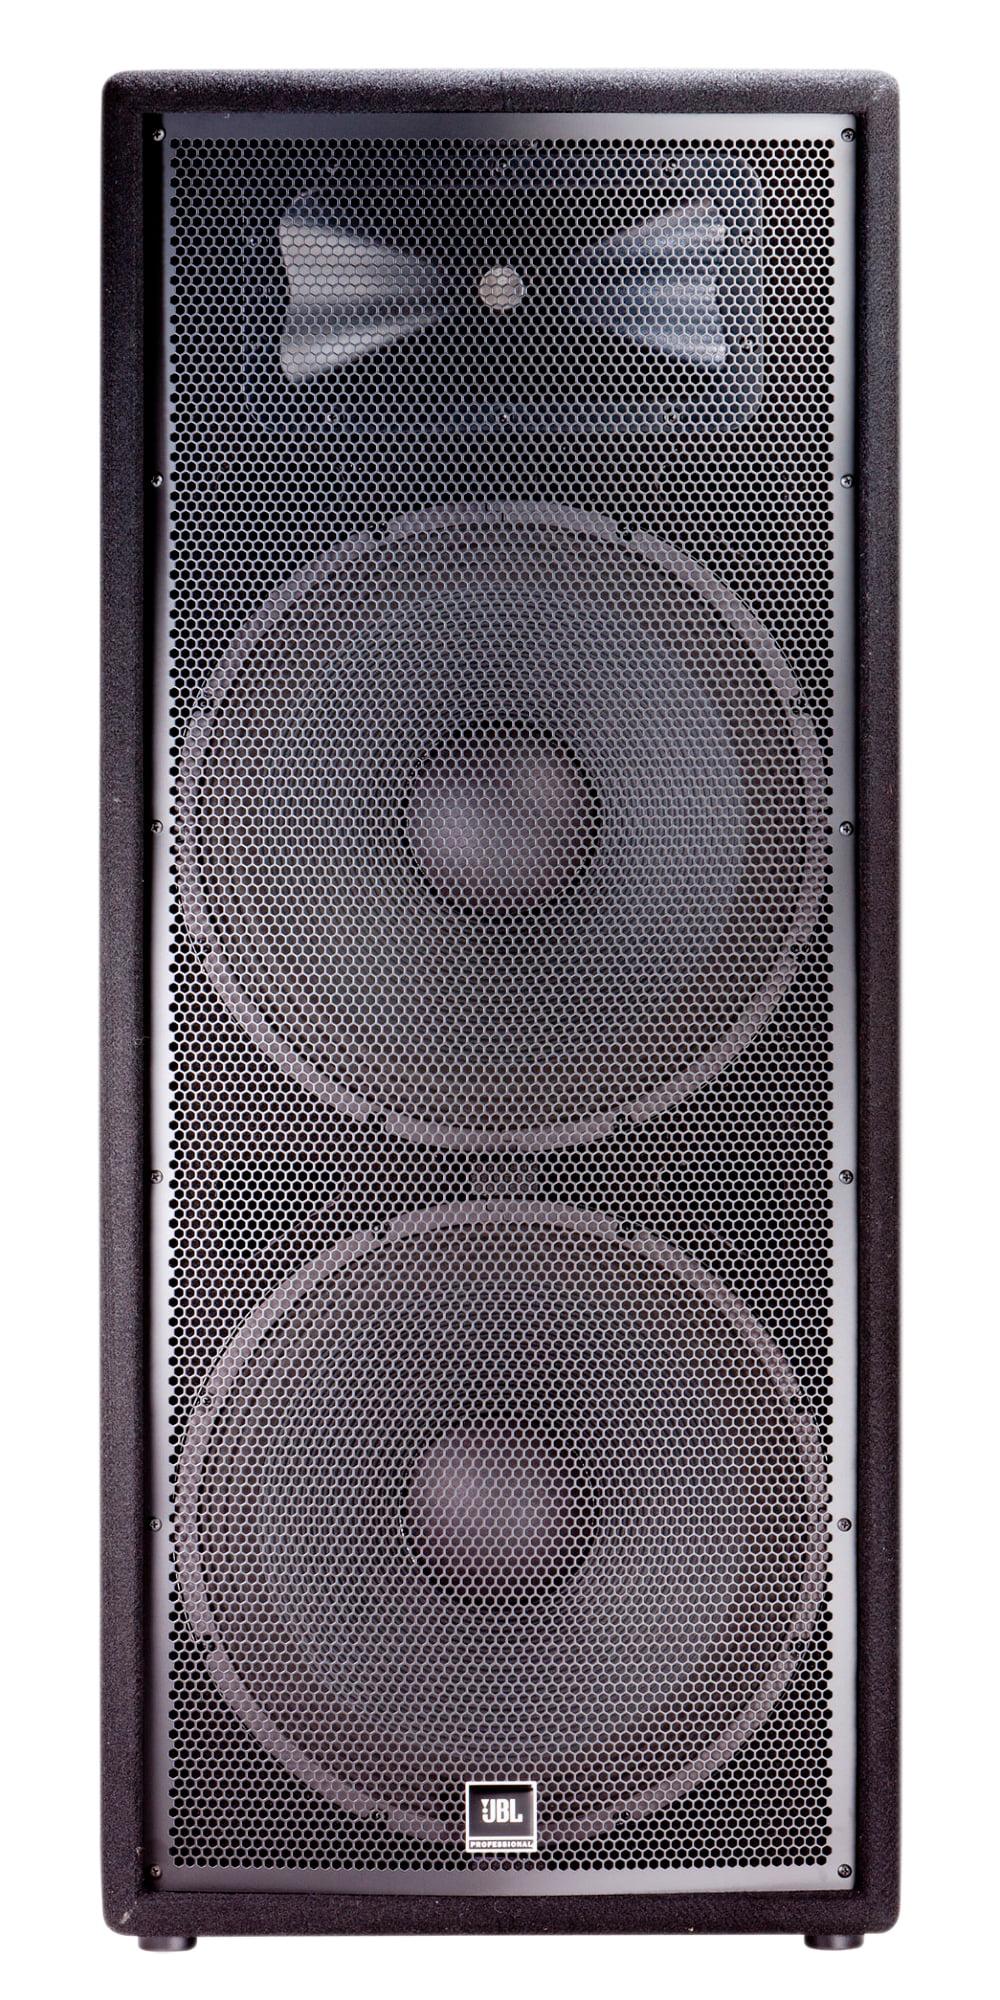 """JBL JRX225 Dual 15"""" Two-way Passive Loudspeaker with 2000W Peak Power by JBL"""